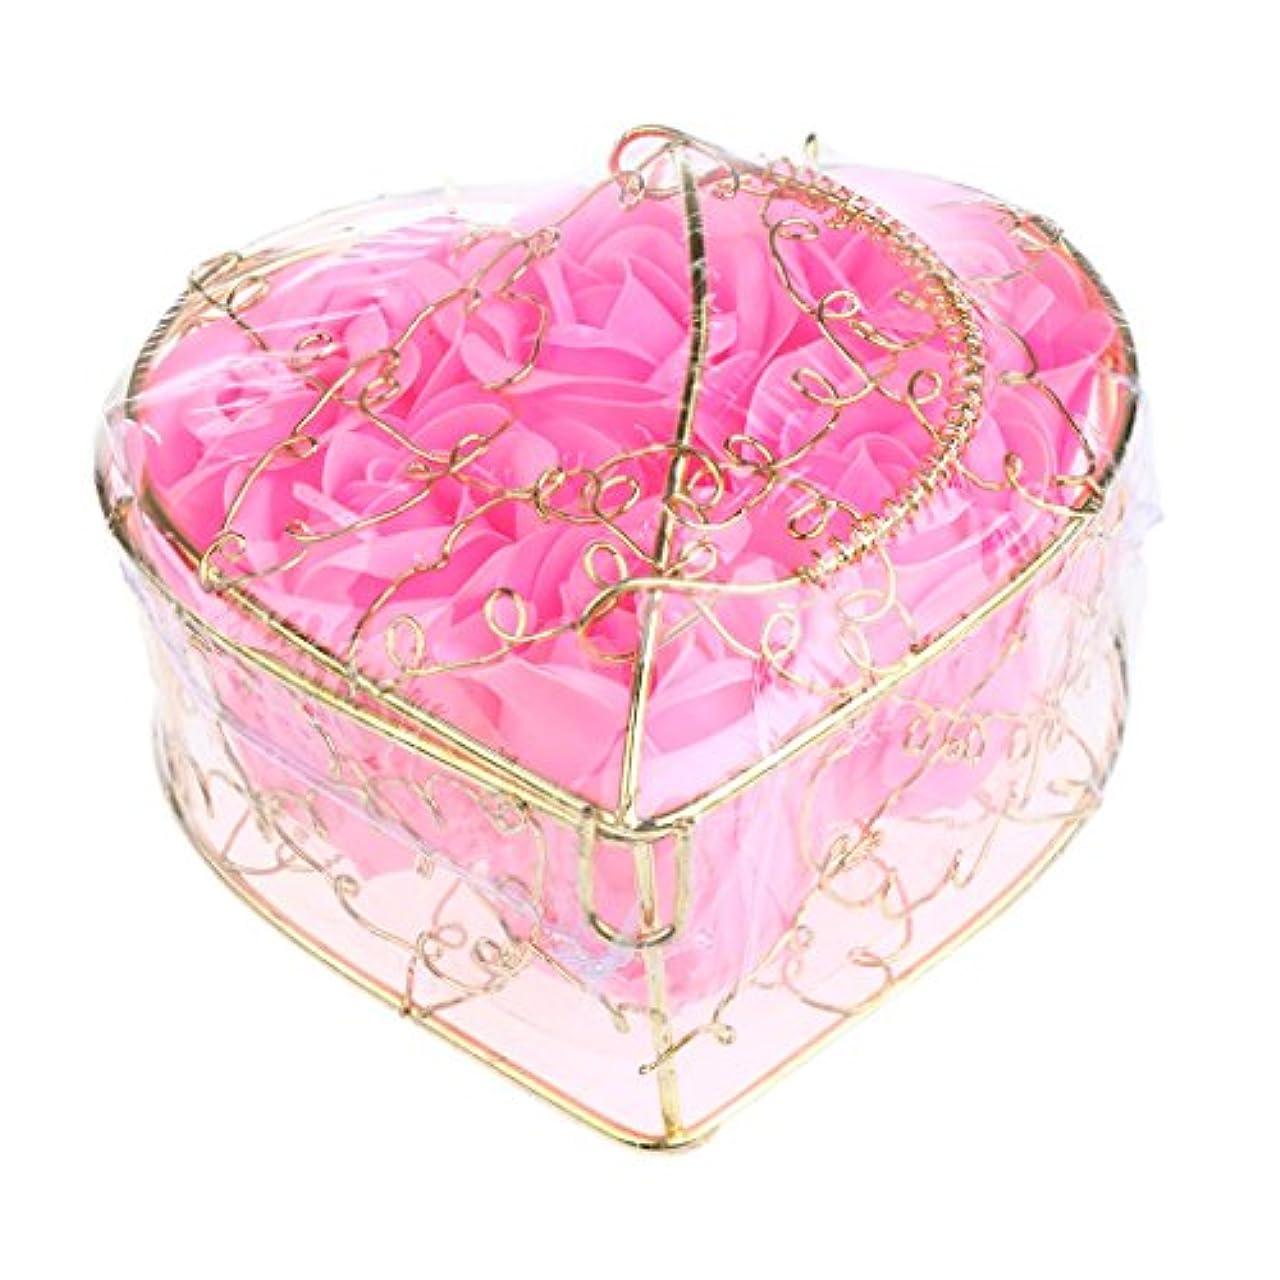 主張彼らのレモン6個 石鹸の花 母の日 プレゼント 石鹸 お花 枯れないお花 心の形 ギフトボックス プレゼント 全5仕様選べる - ピンク